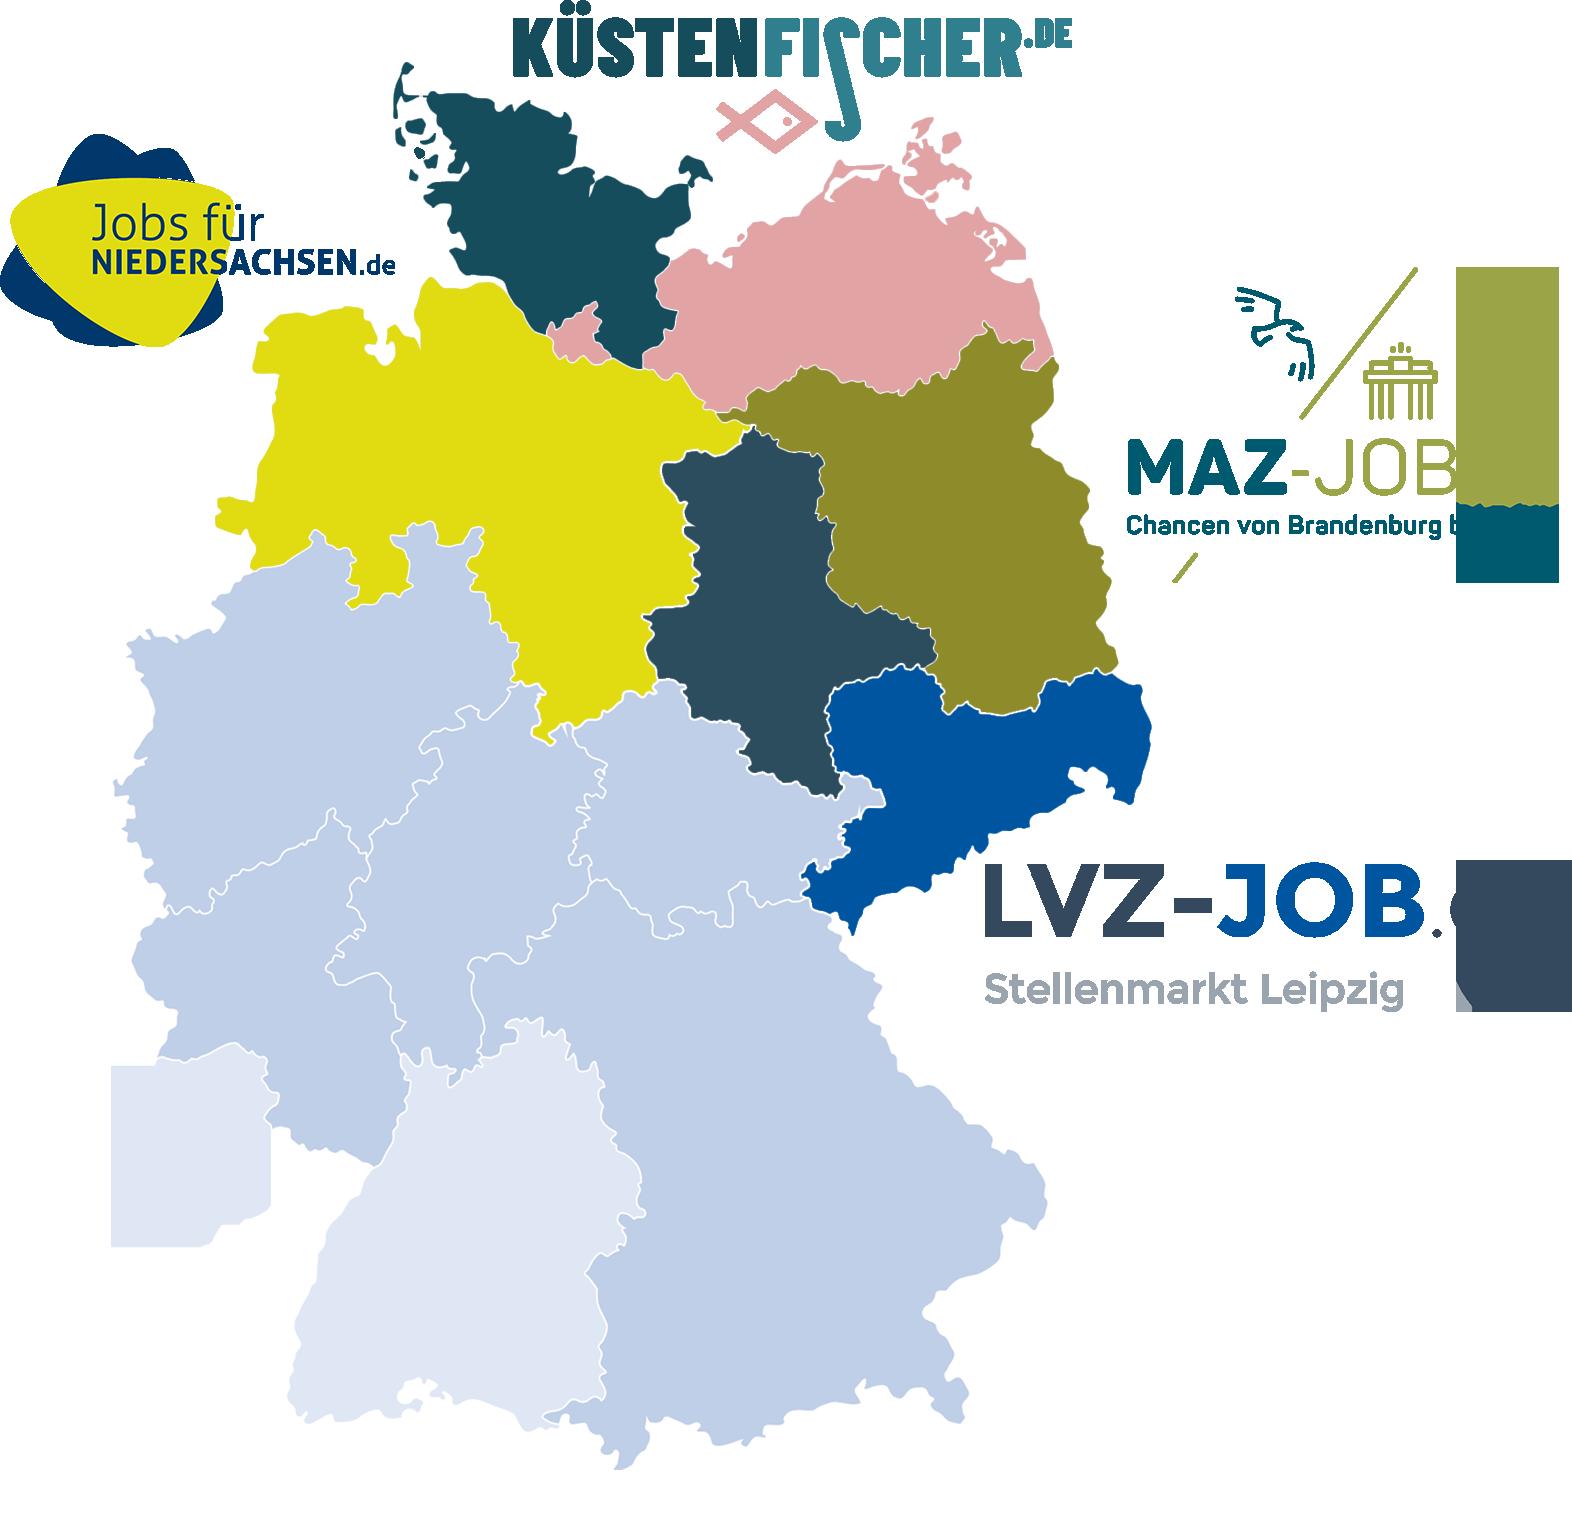 Verbreitungsgebiet der Madsack Titel auf einer Deutschland-Übersicht